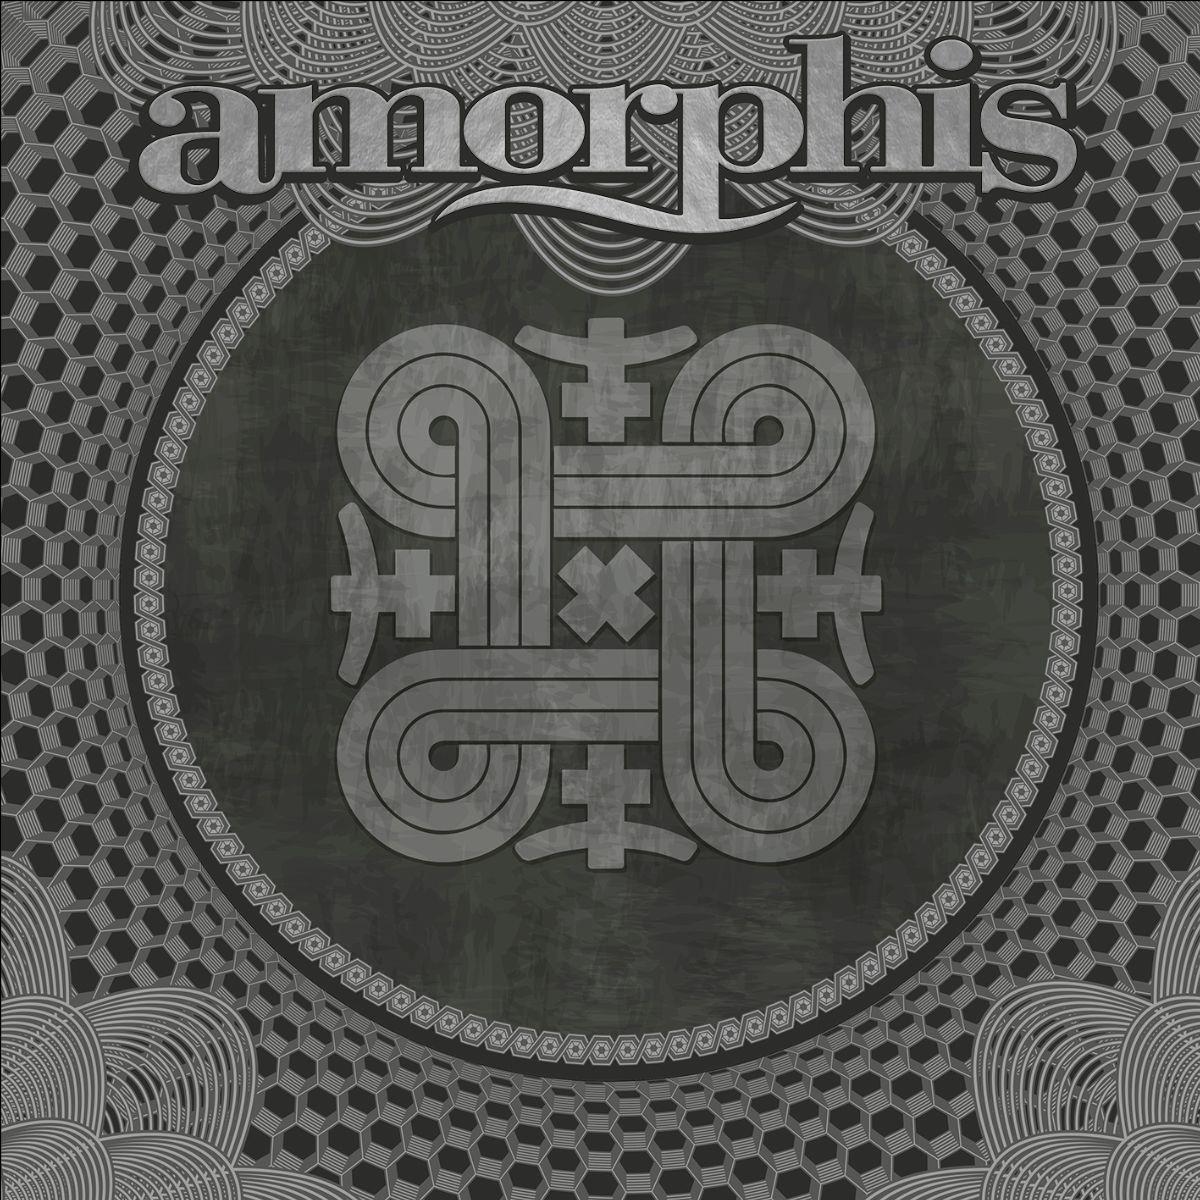 amorphis-vorverkauf-fuer-vinyl-box-set-zum-30-jubilaeum-der-band-hat-begonnen